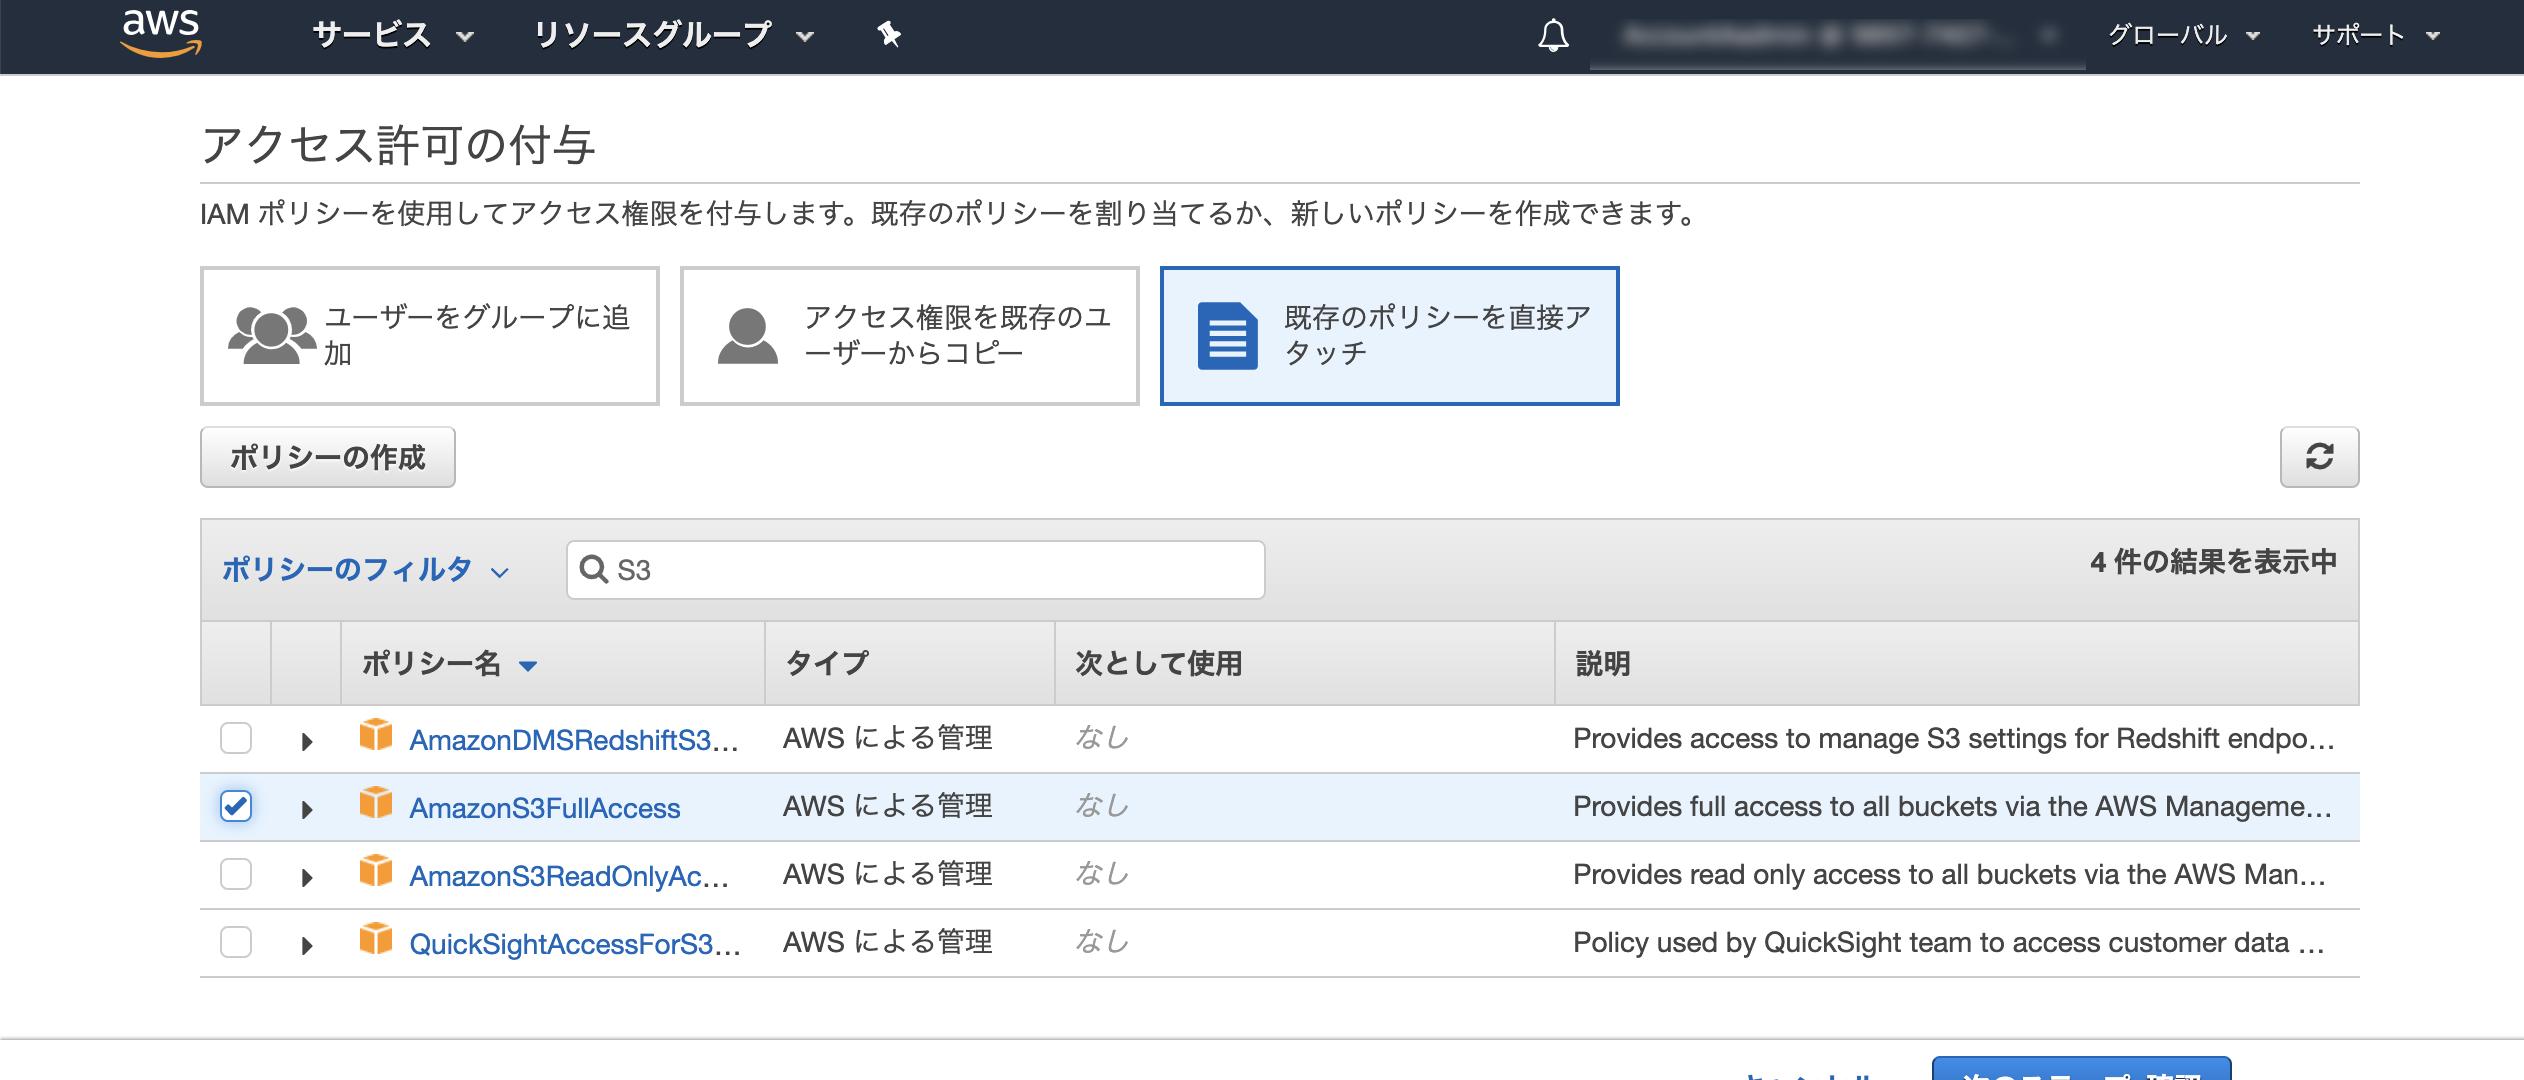 IAMユーザアクセス権限の追加2.png